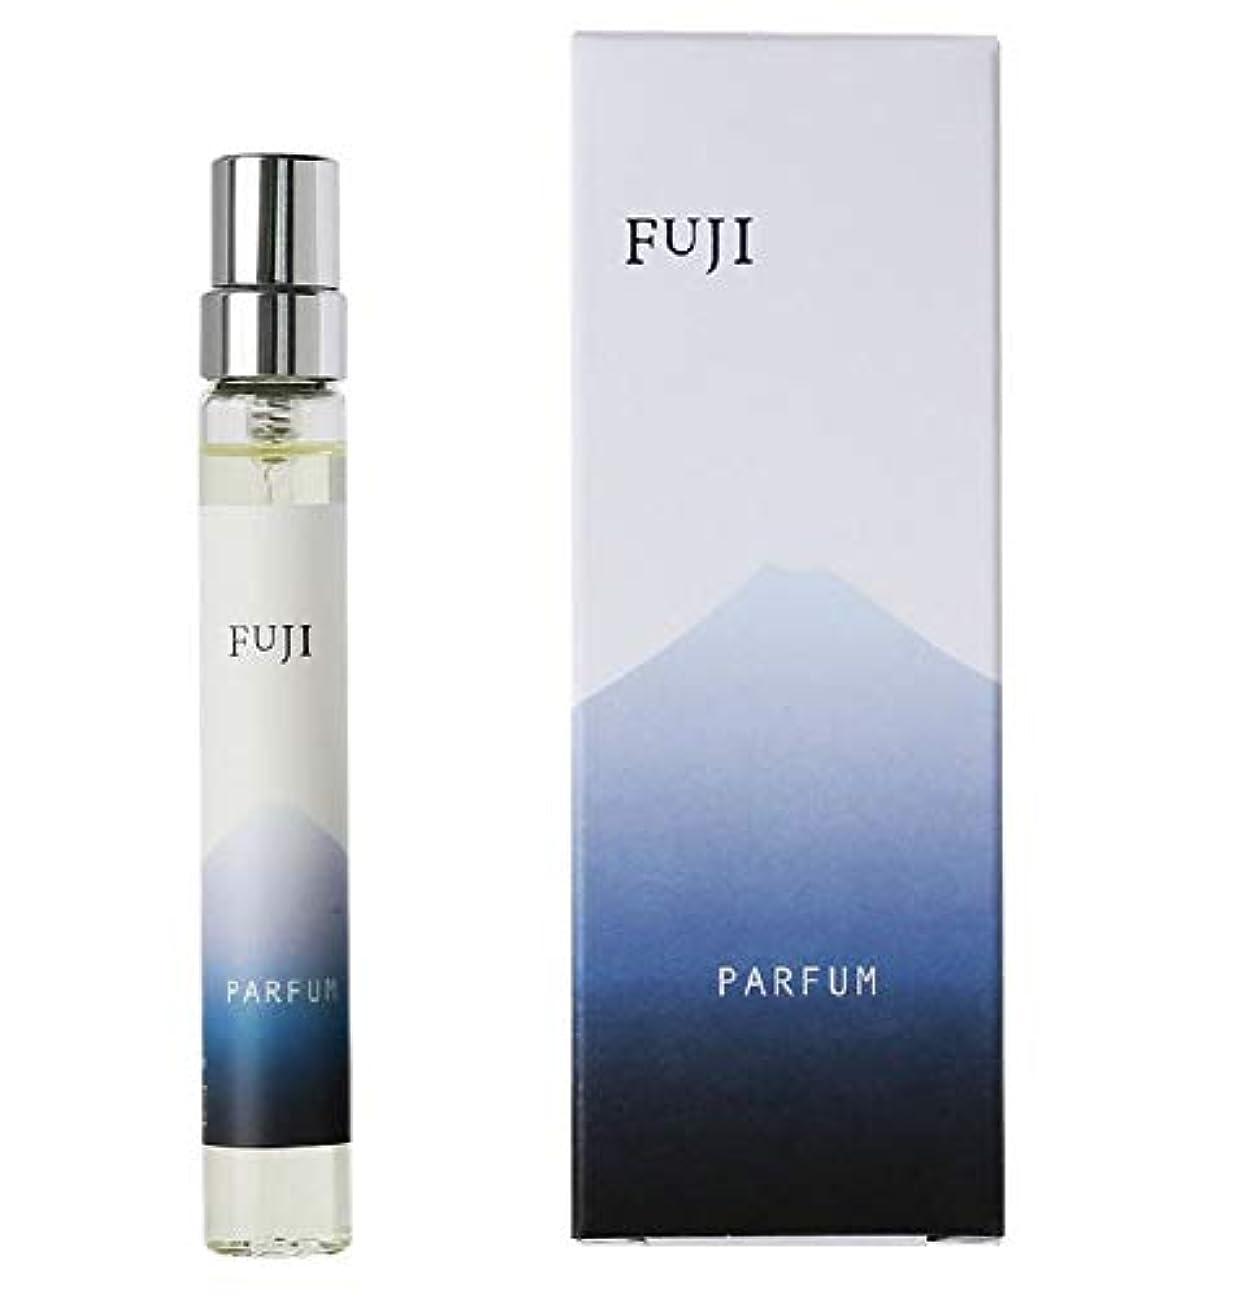 スペア勧告協力的パルファム フジ parfum fuji 最高級 パルファン 1ダースセット(12本) 限定割引 & 送料無料 富士山 香水 海外みやげ